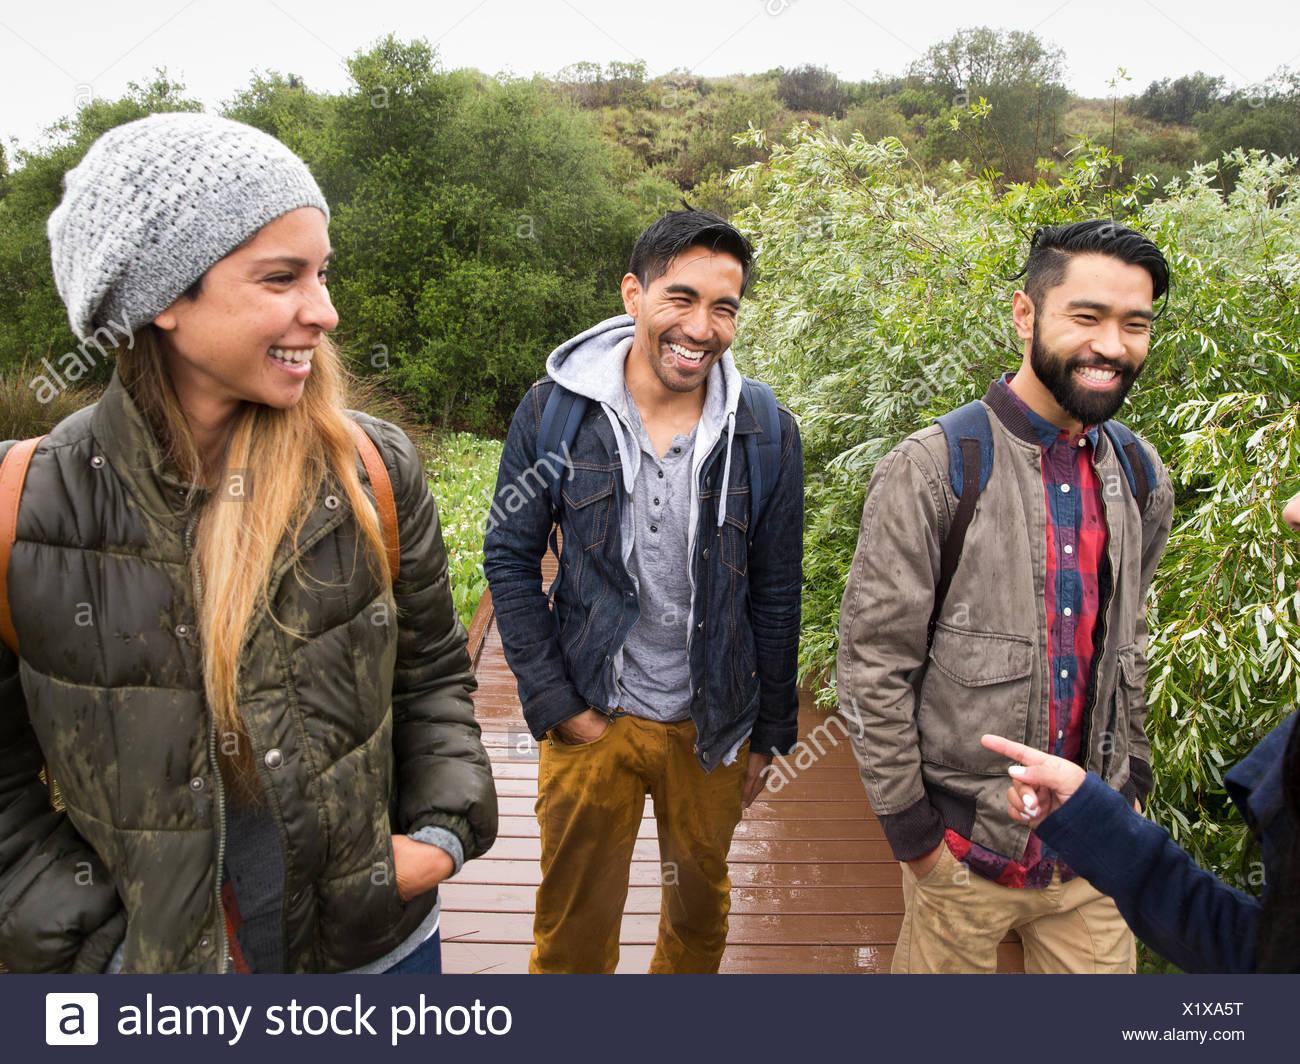 Sorridente giovane donna e due giovani uomini a camminare in un parco Immagini Stock